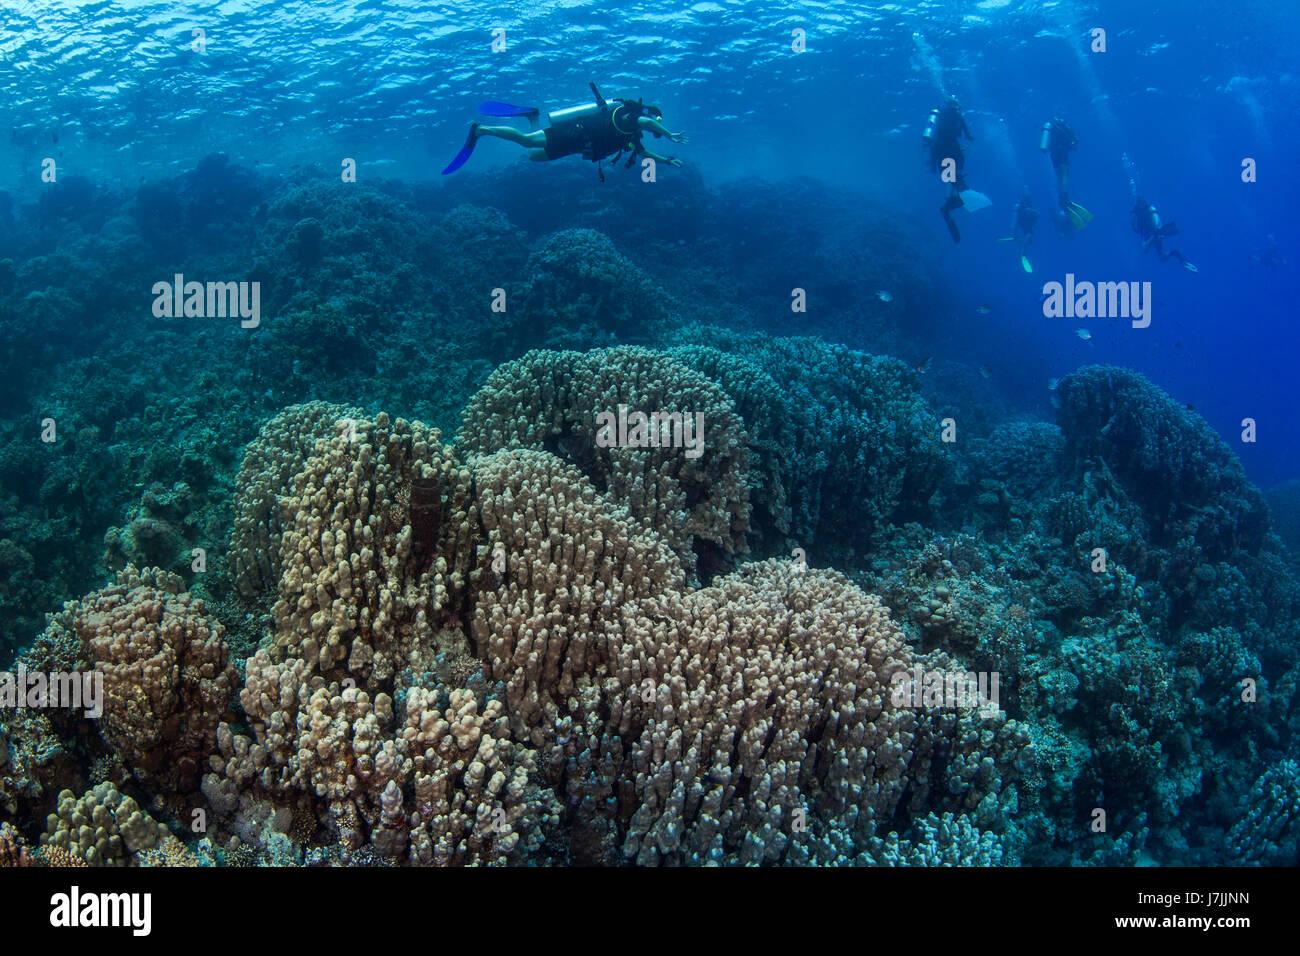 Subacquei esplorare hard Coral reef del Mar Rosso al largo delle coste di Egitto. Foto Stock